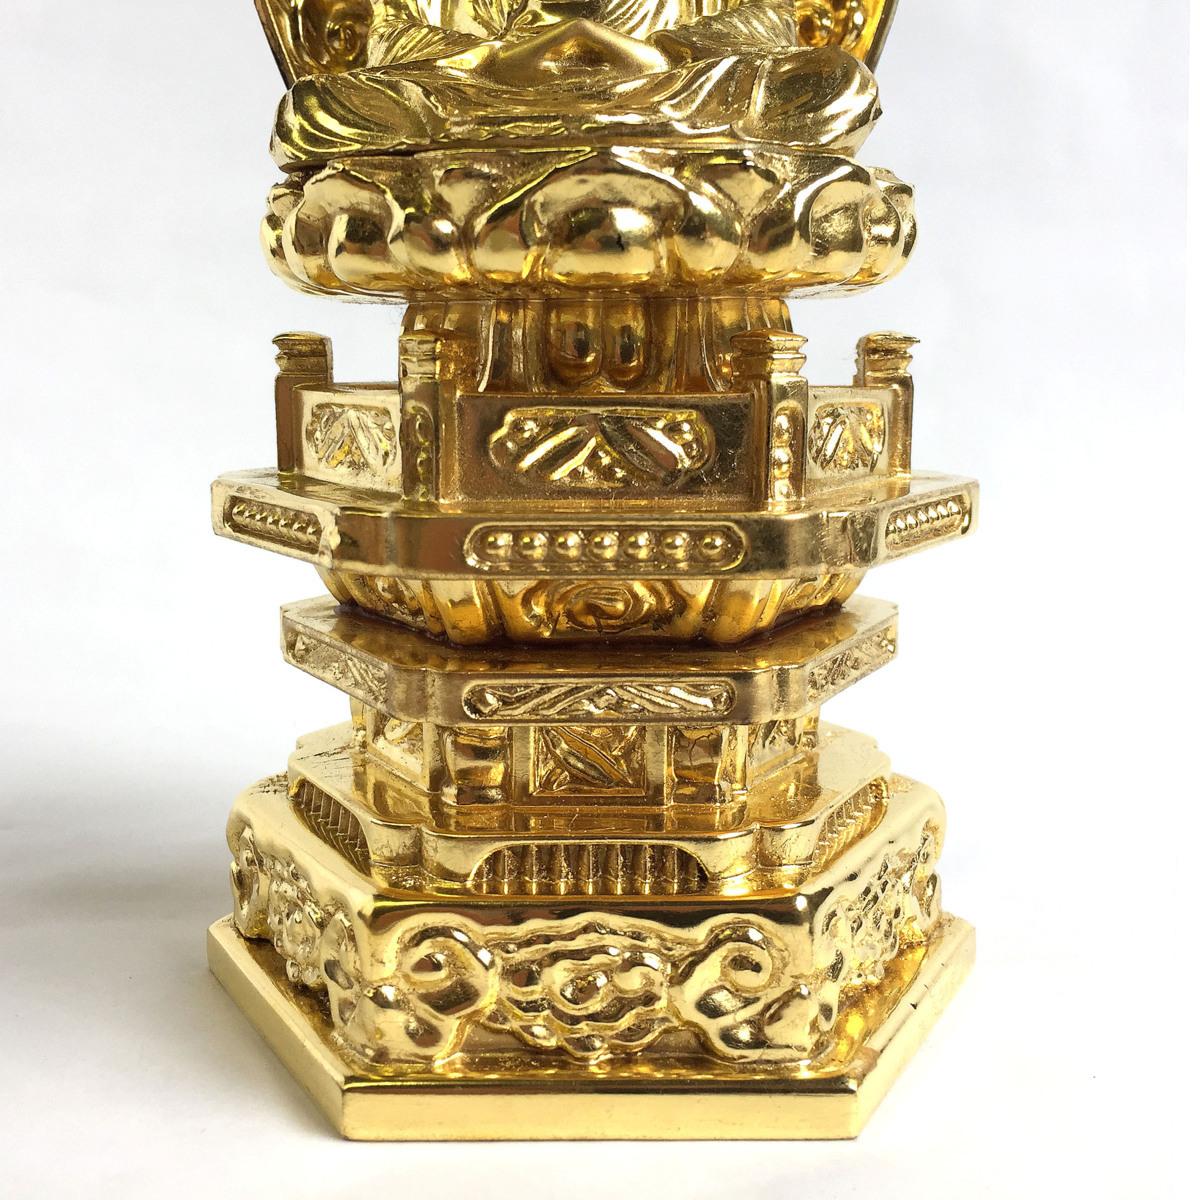 2345 座釈迦 釈迦如来 座像 ご本尊 仏像 仏教 純金中七肌粉仕上げ 2.0号 高さ約21cm リサイクル アンティーク 紀の国屋_画像6